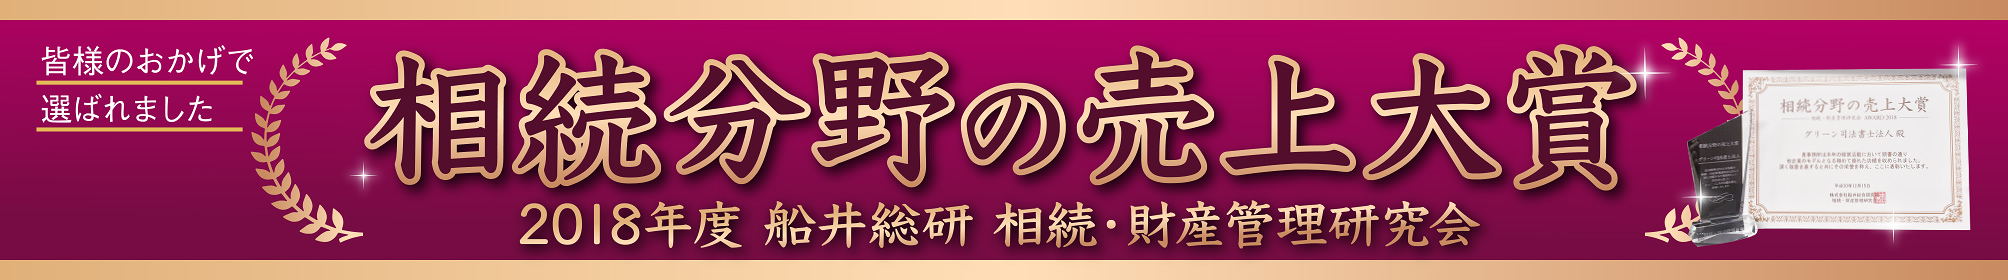 2018年度船井総研 相続・財産管理研究会 相続部門の売り上げ大賞